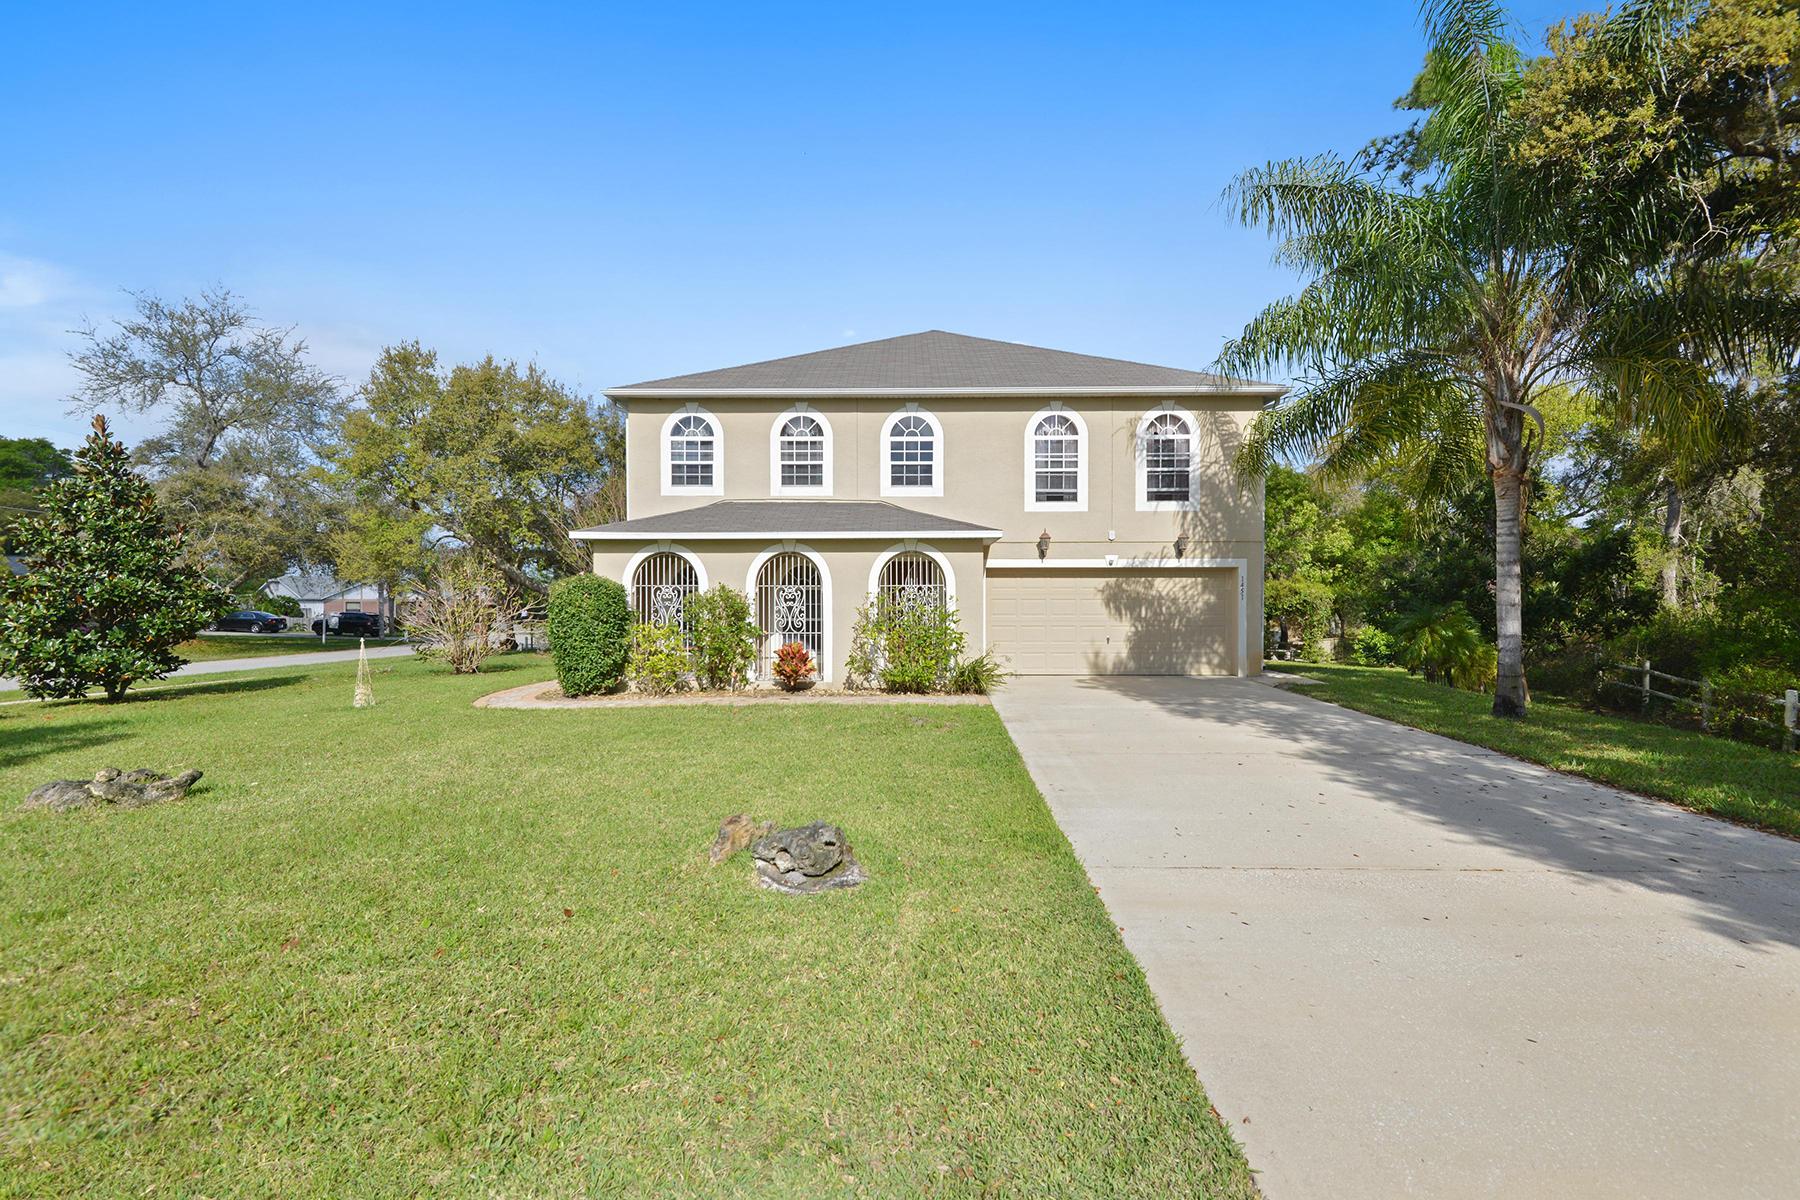 Vivienda unifamiliar por un Venta en ORLANDO - DELTONA 1451 Baxley Ct Deltona, Florida, 32738 Estados Unidos